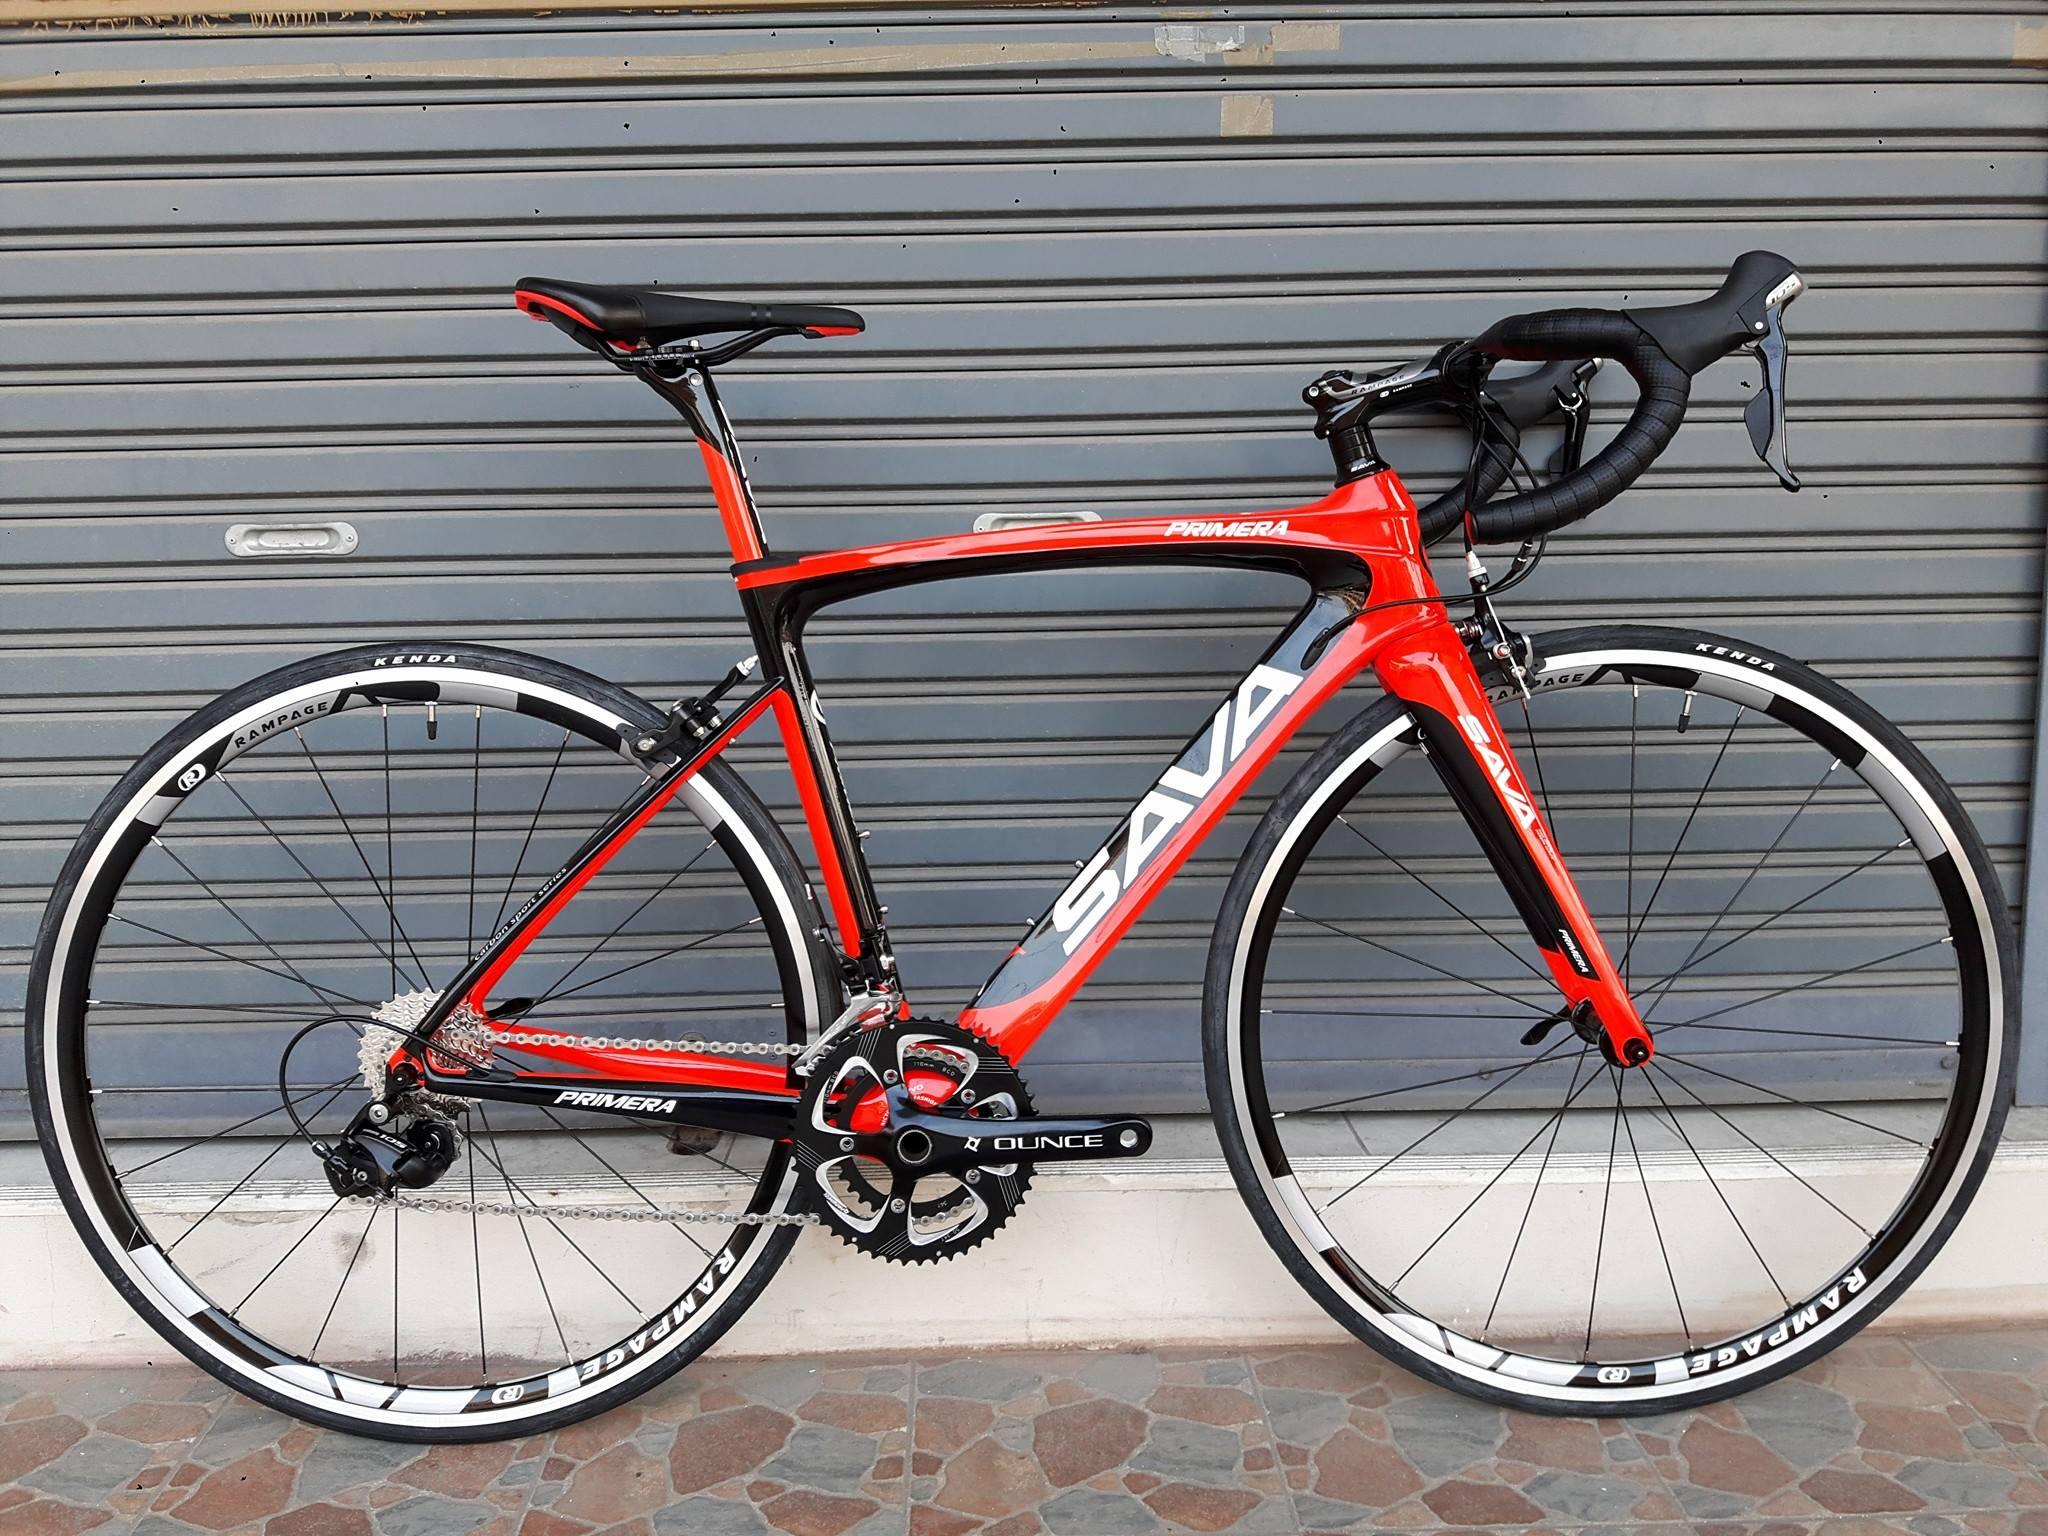 รับสั่งสินค้าล่วงหน้า จักรยานเสือหมอบเฟรม Carbon ทรงแอโร่ Sava รุ่น Primera สีดำแดง หลักอานคาร์บอน ตะเกียบคาร์บอน ชุดขับ Shimano 105 Mix 22 Speed